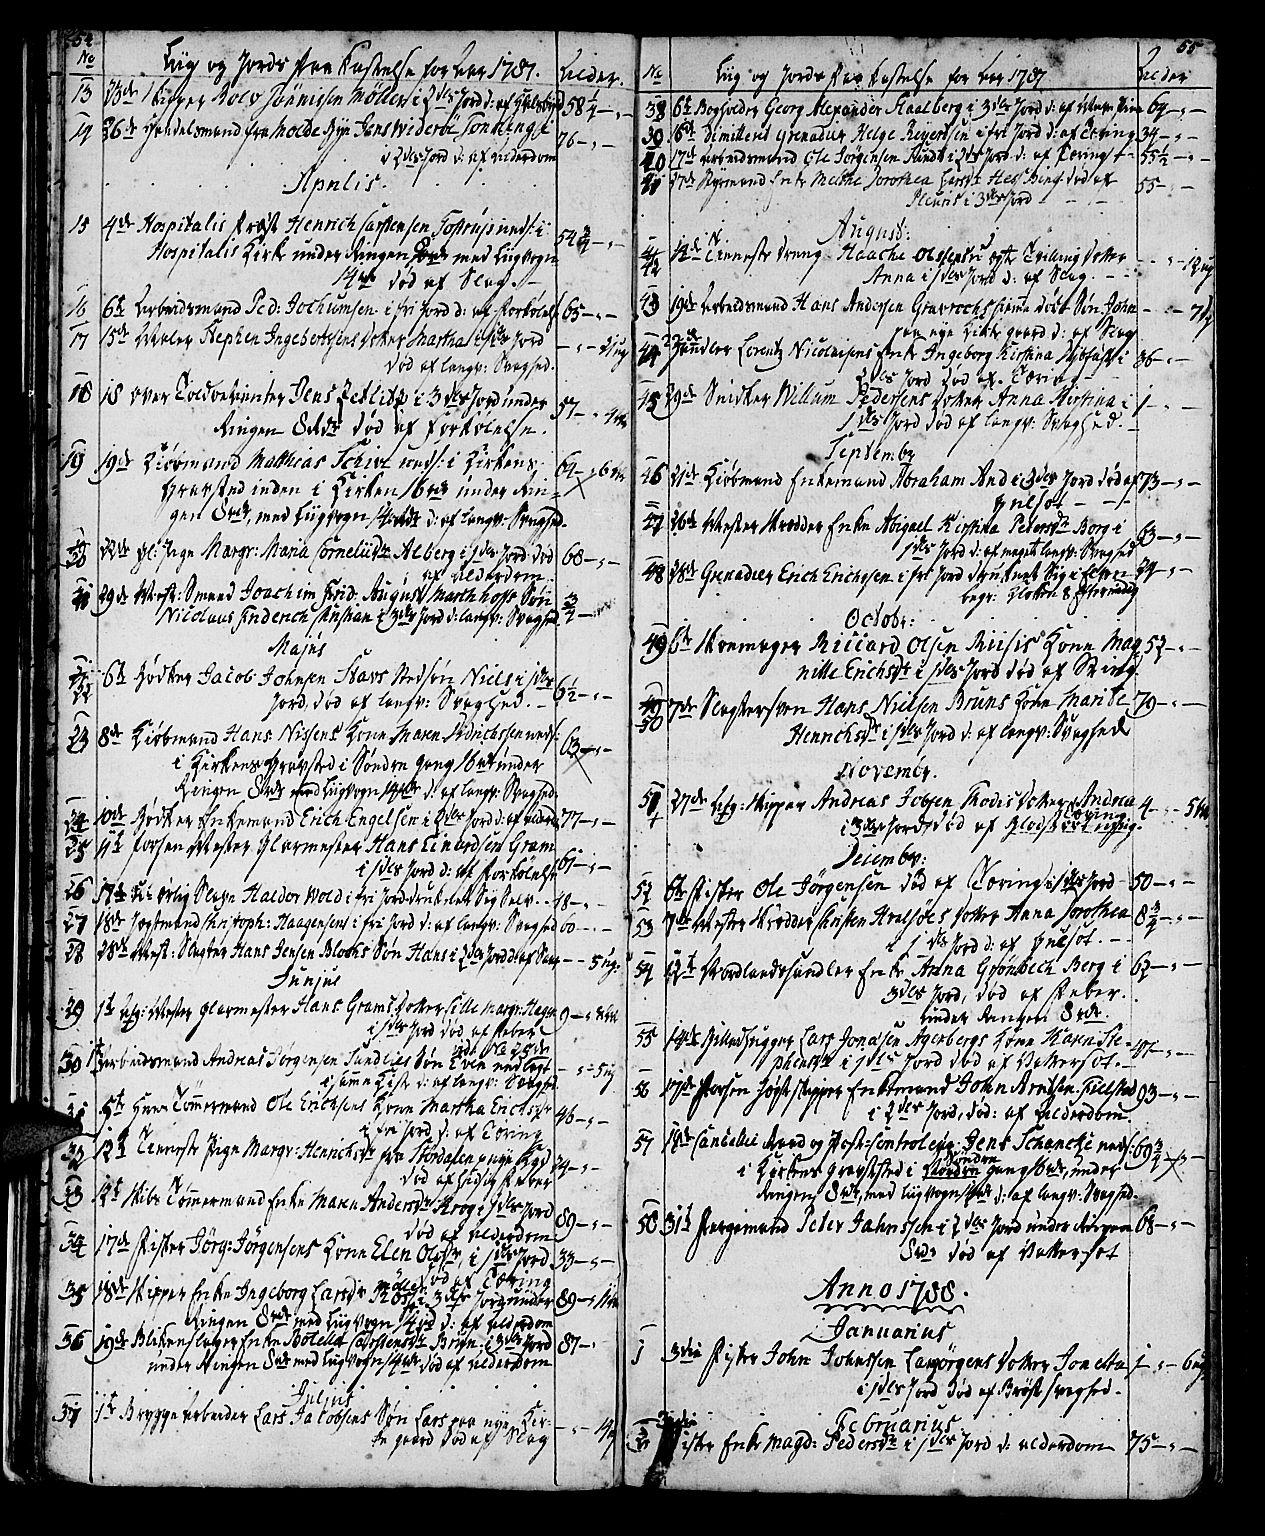 SAT, Ministerialprotokoller, klokkerbøker og fødselsregistre - Sør-Trøndelag, 602/L0134: Klokkerbok nr. 602C02, 1759-1812, s. 54-55